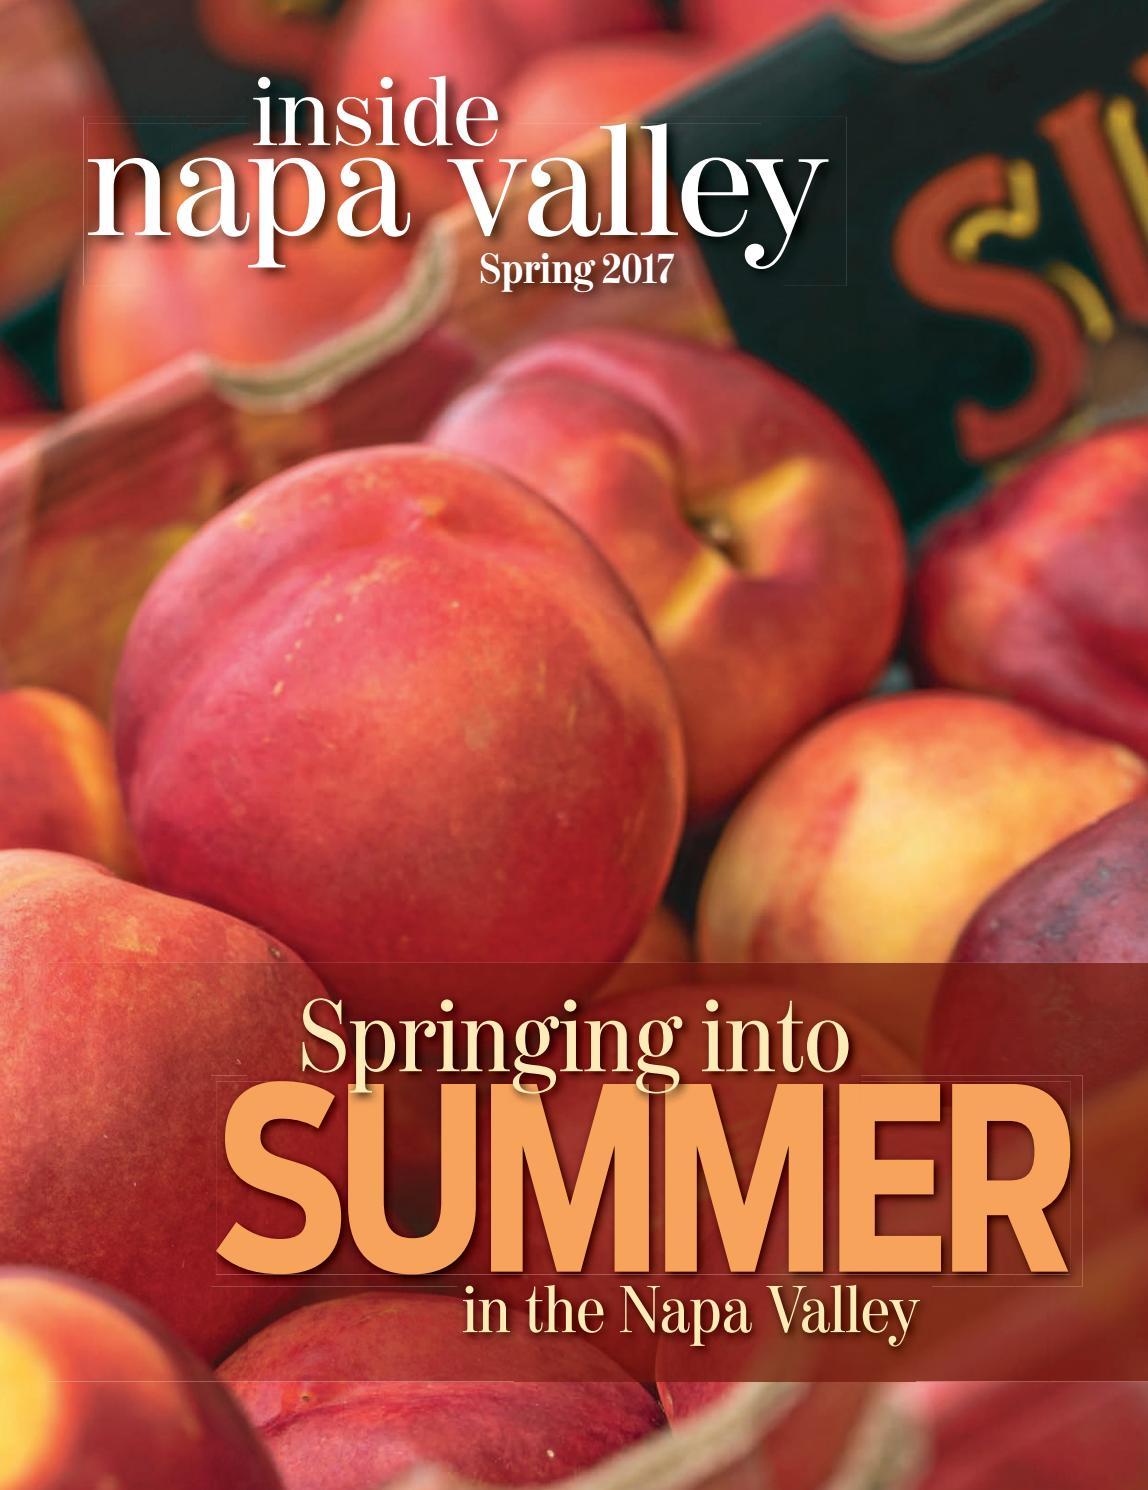 inside napa valley - spring 2017napa register - issuu